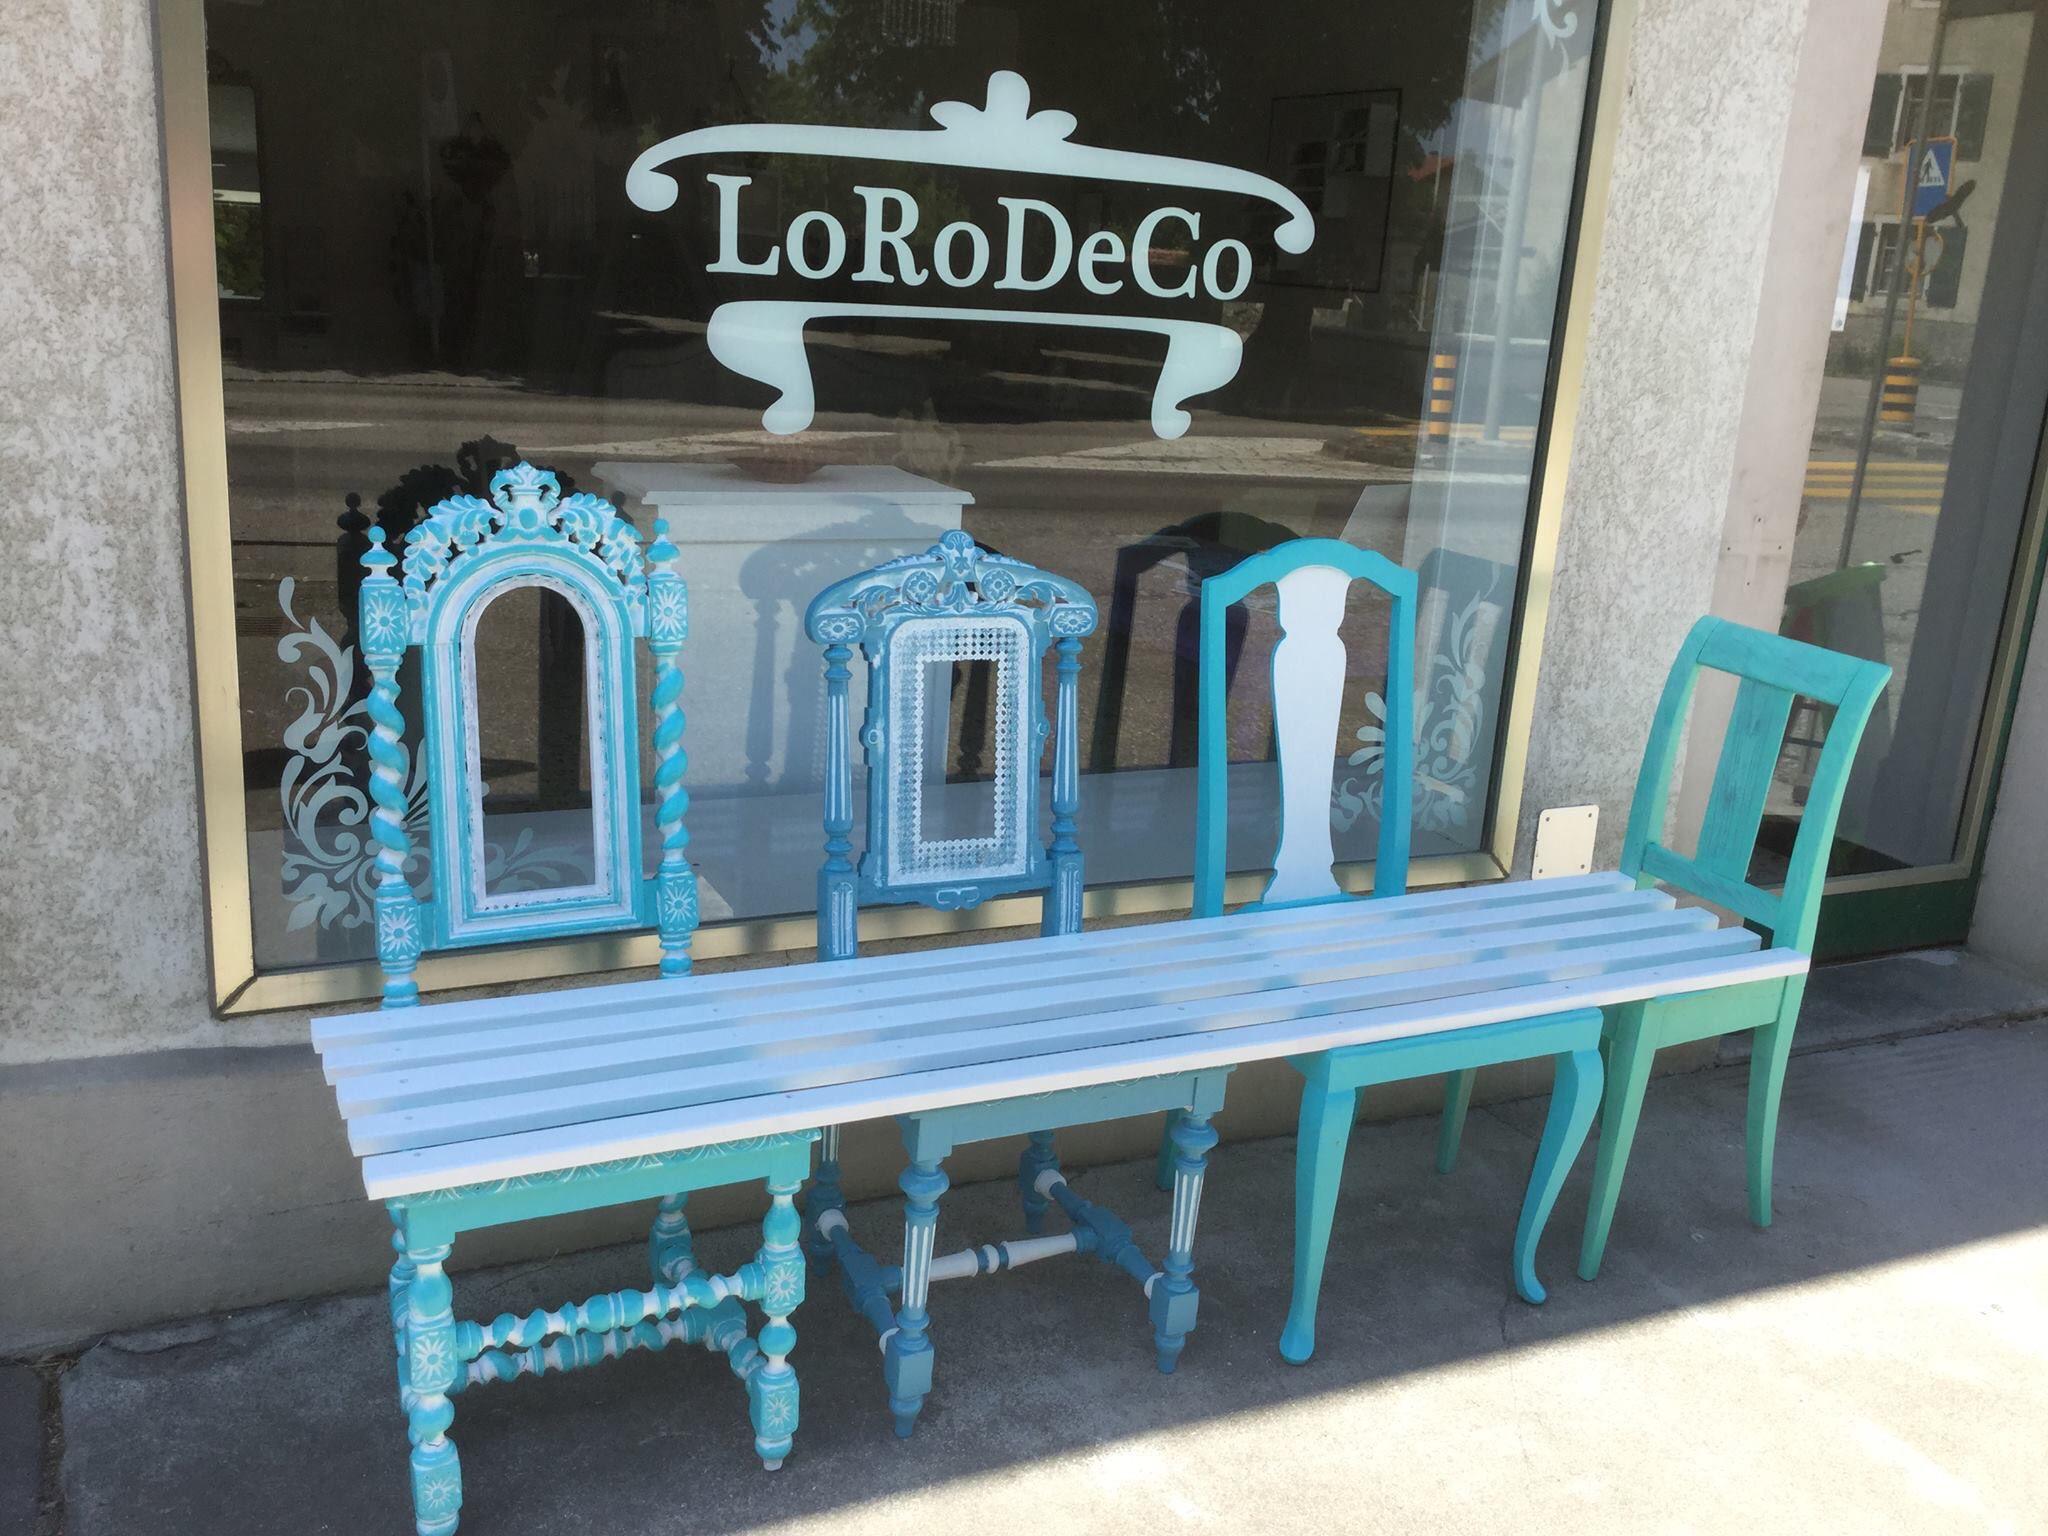 Un banc de jardin fabriqué avec 4 chaises LoRoDeCo